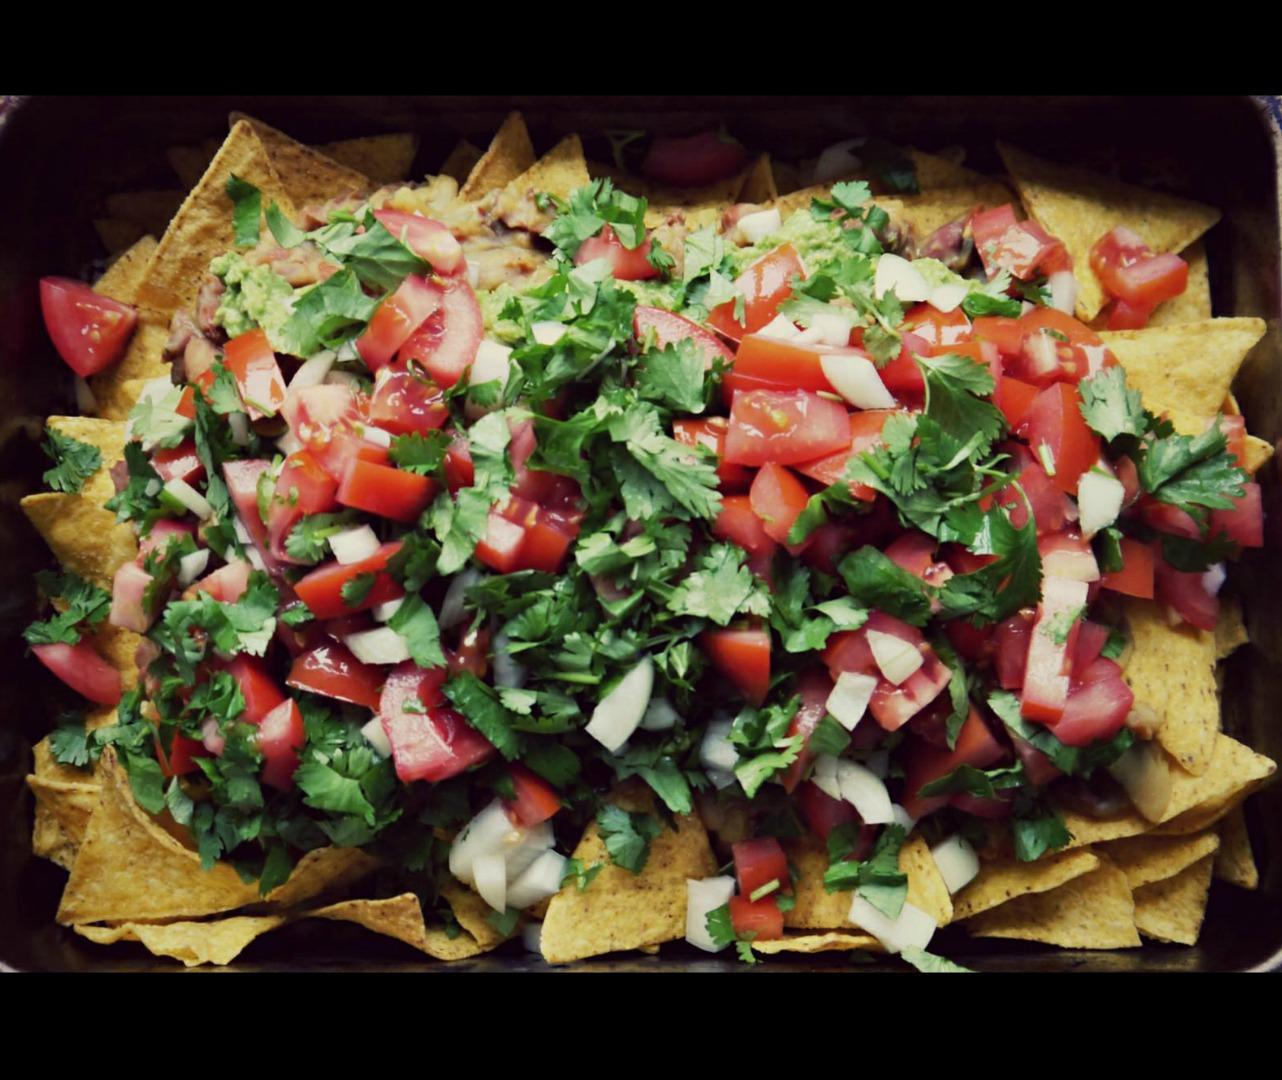 Vegan nacho's